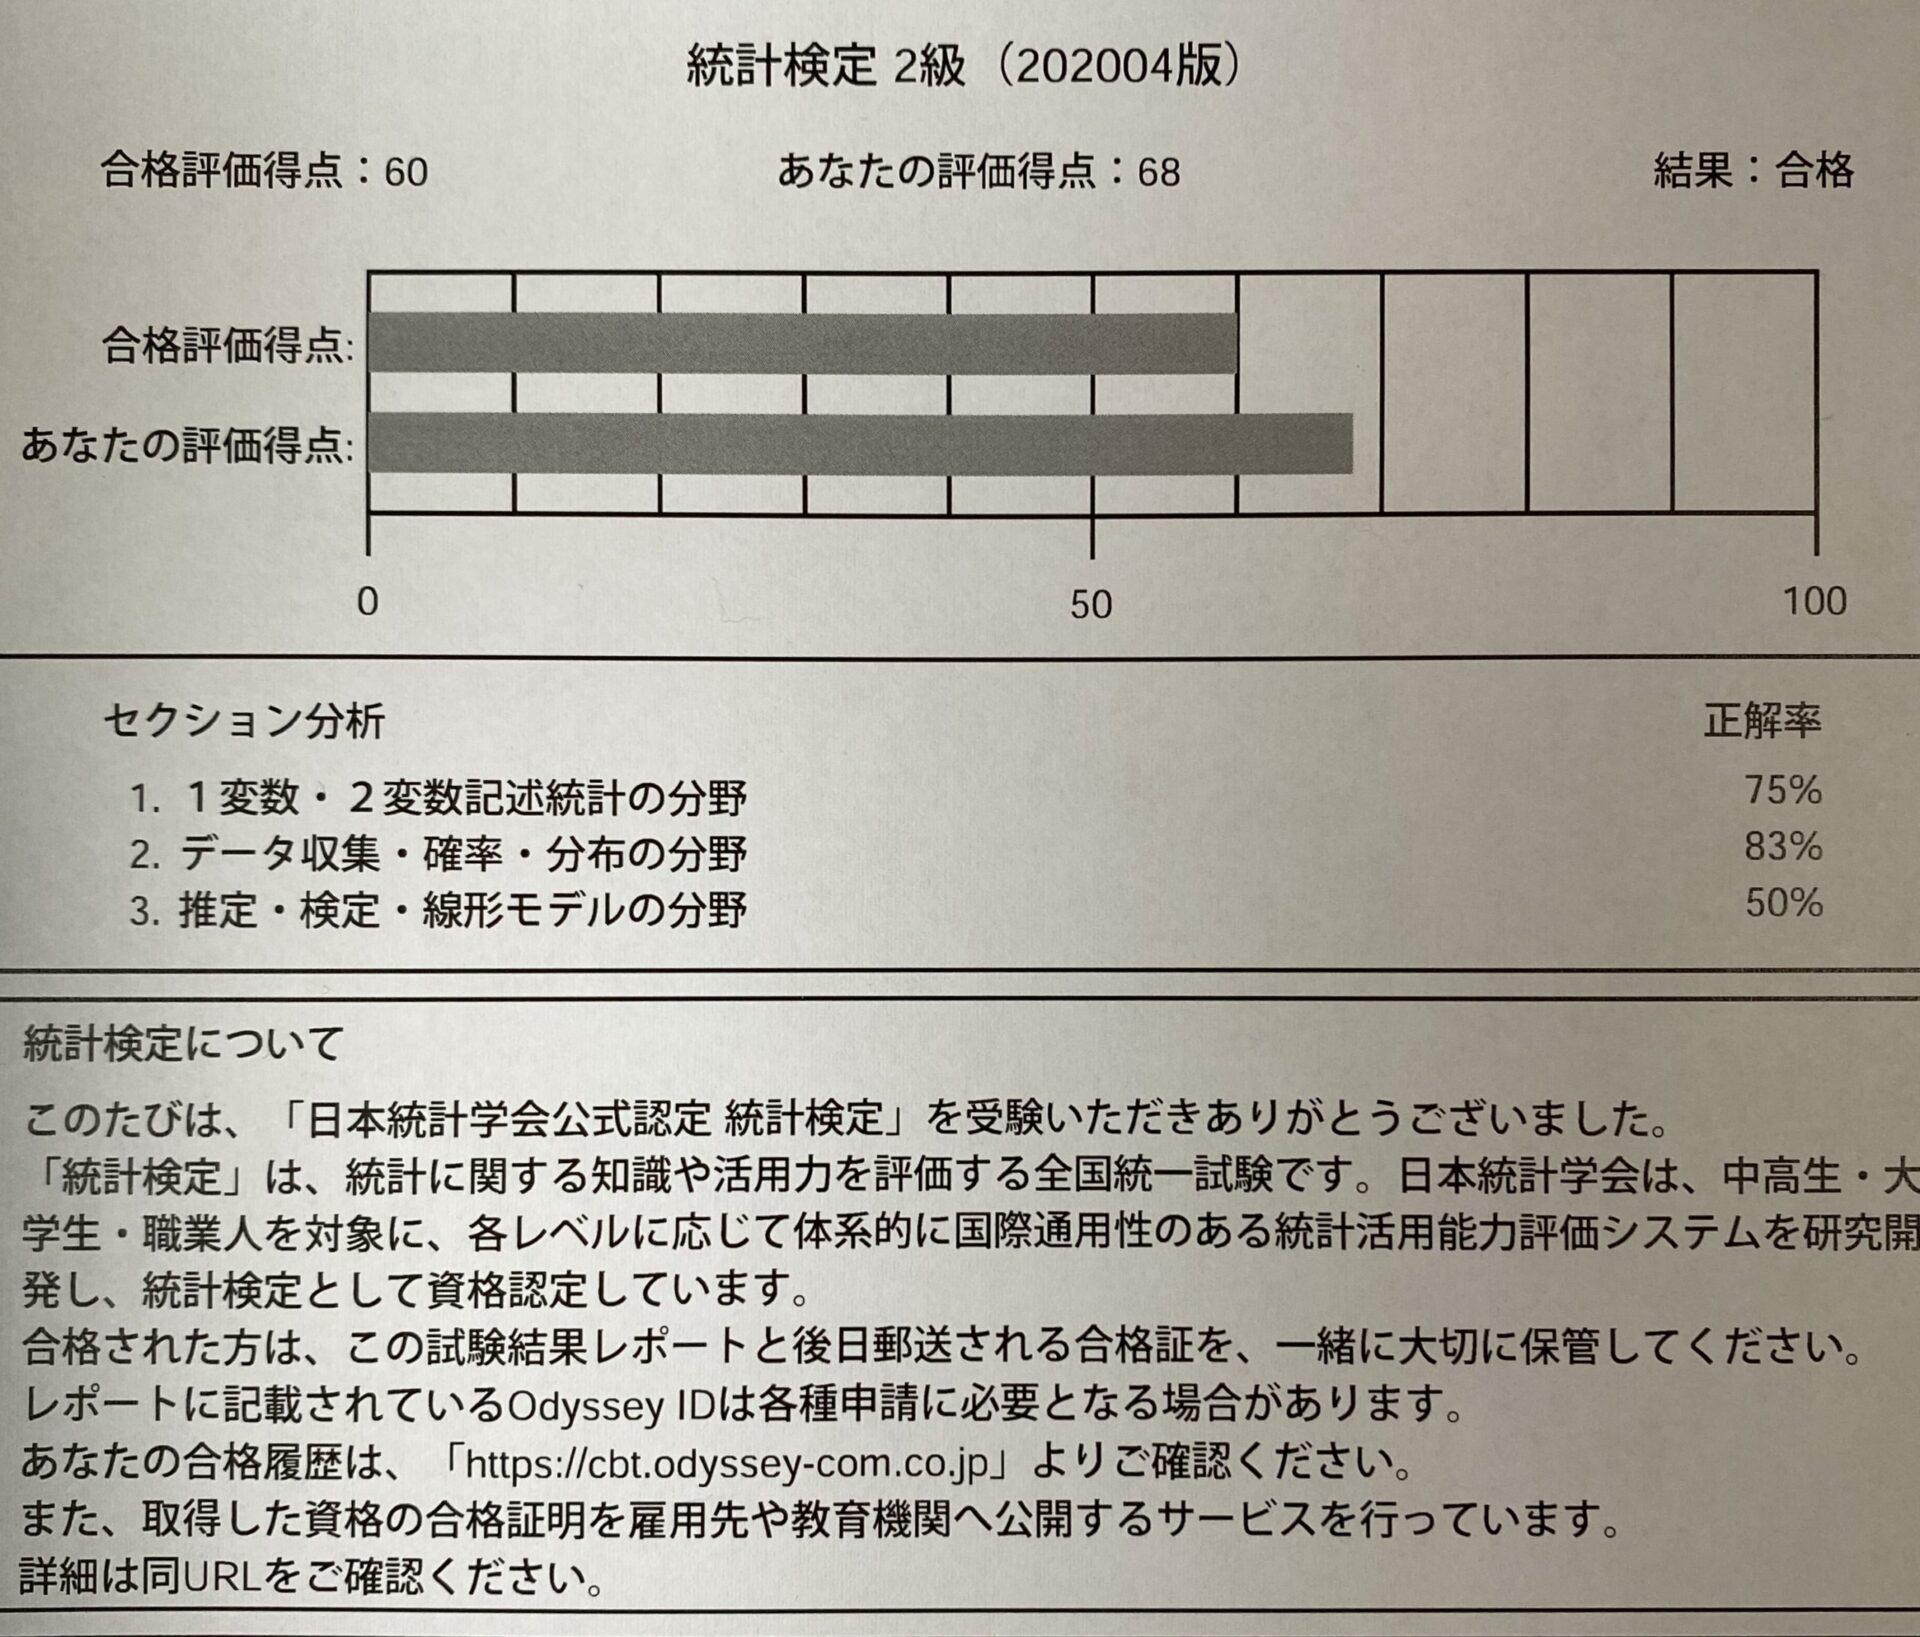 統計検定2級結果